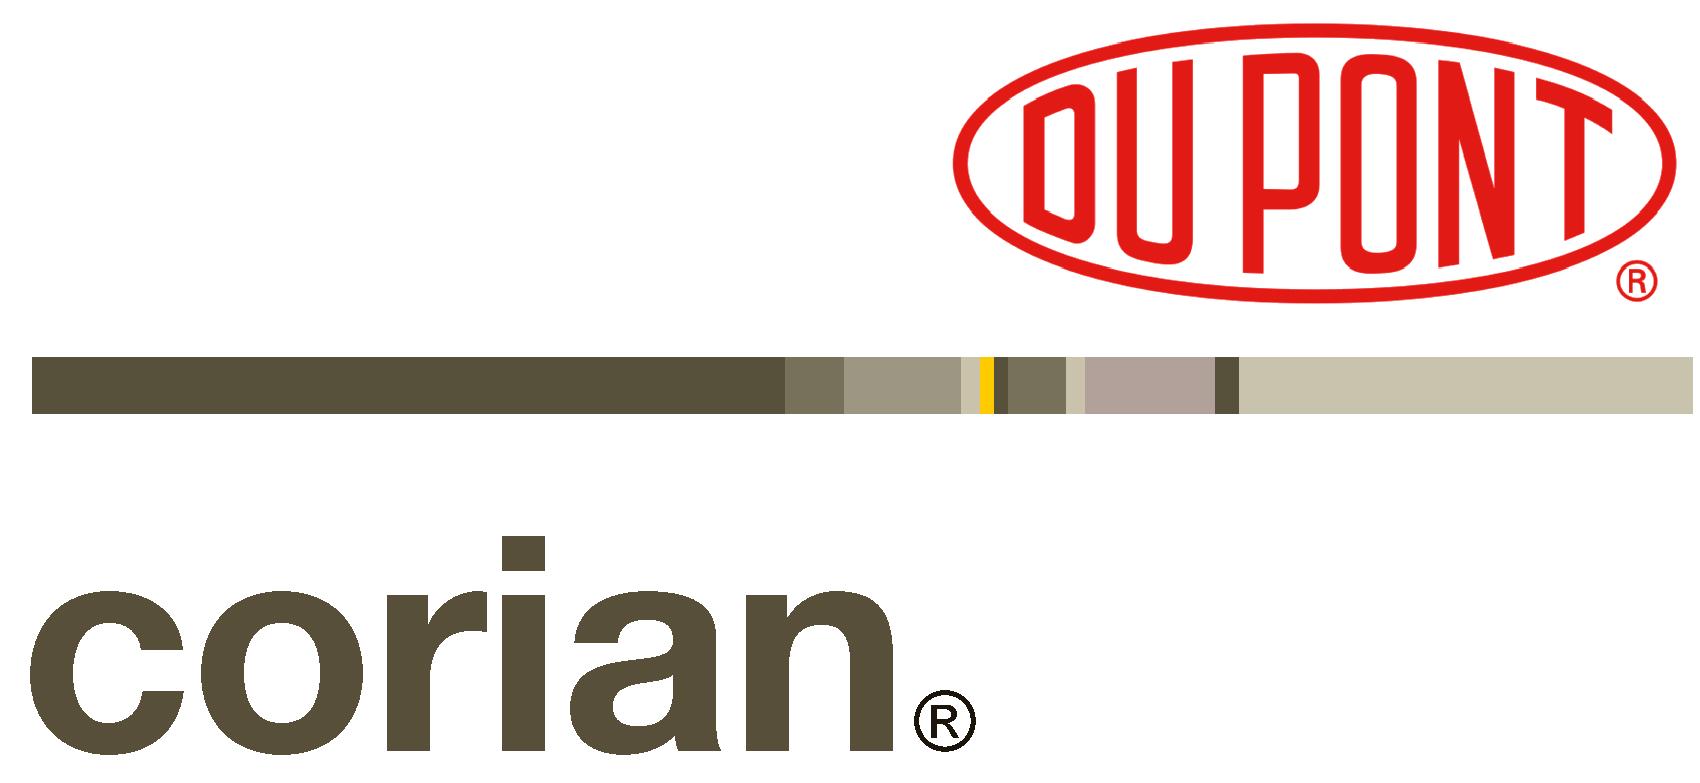 corian-logo-limetree alfresco.png